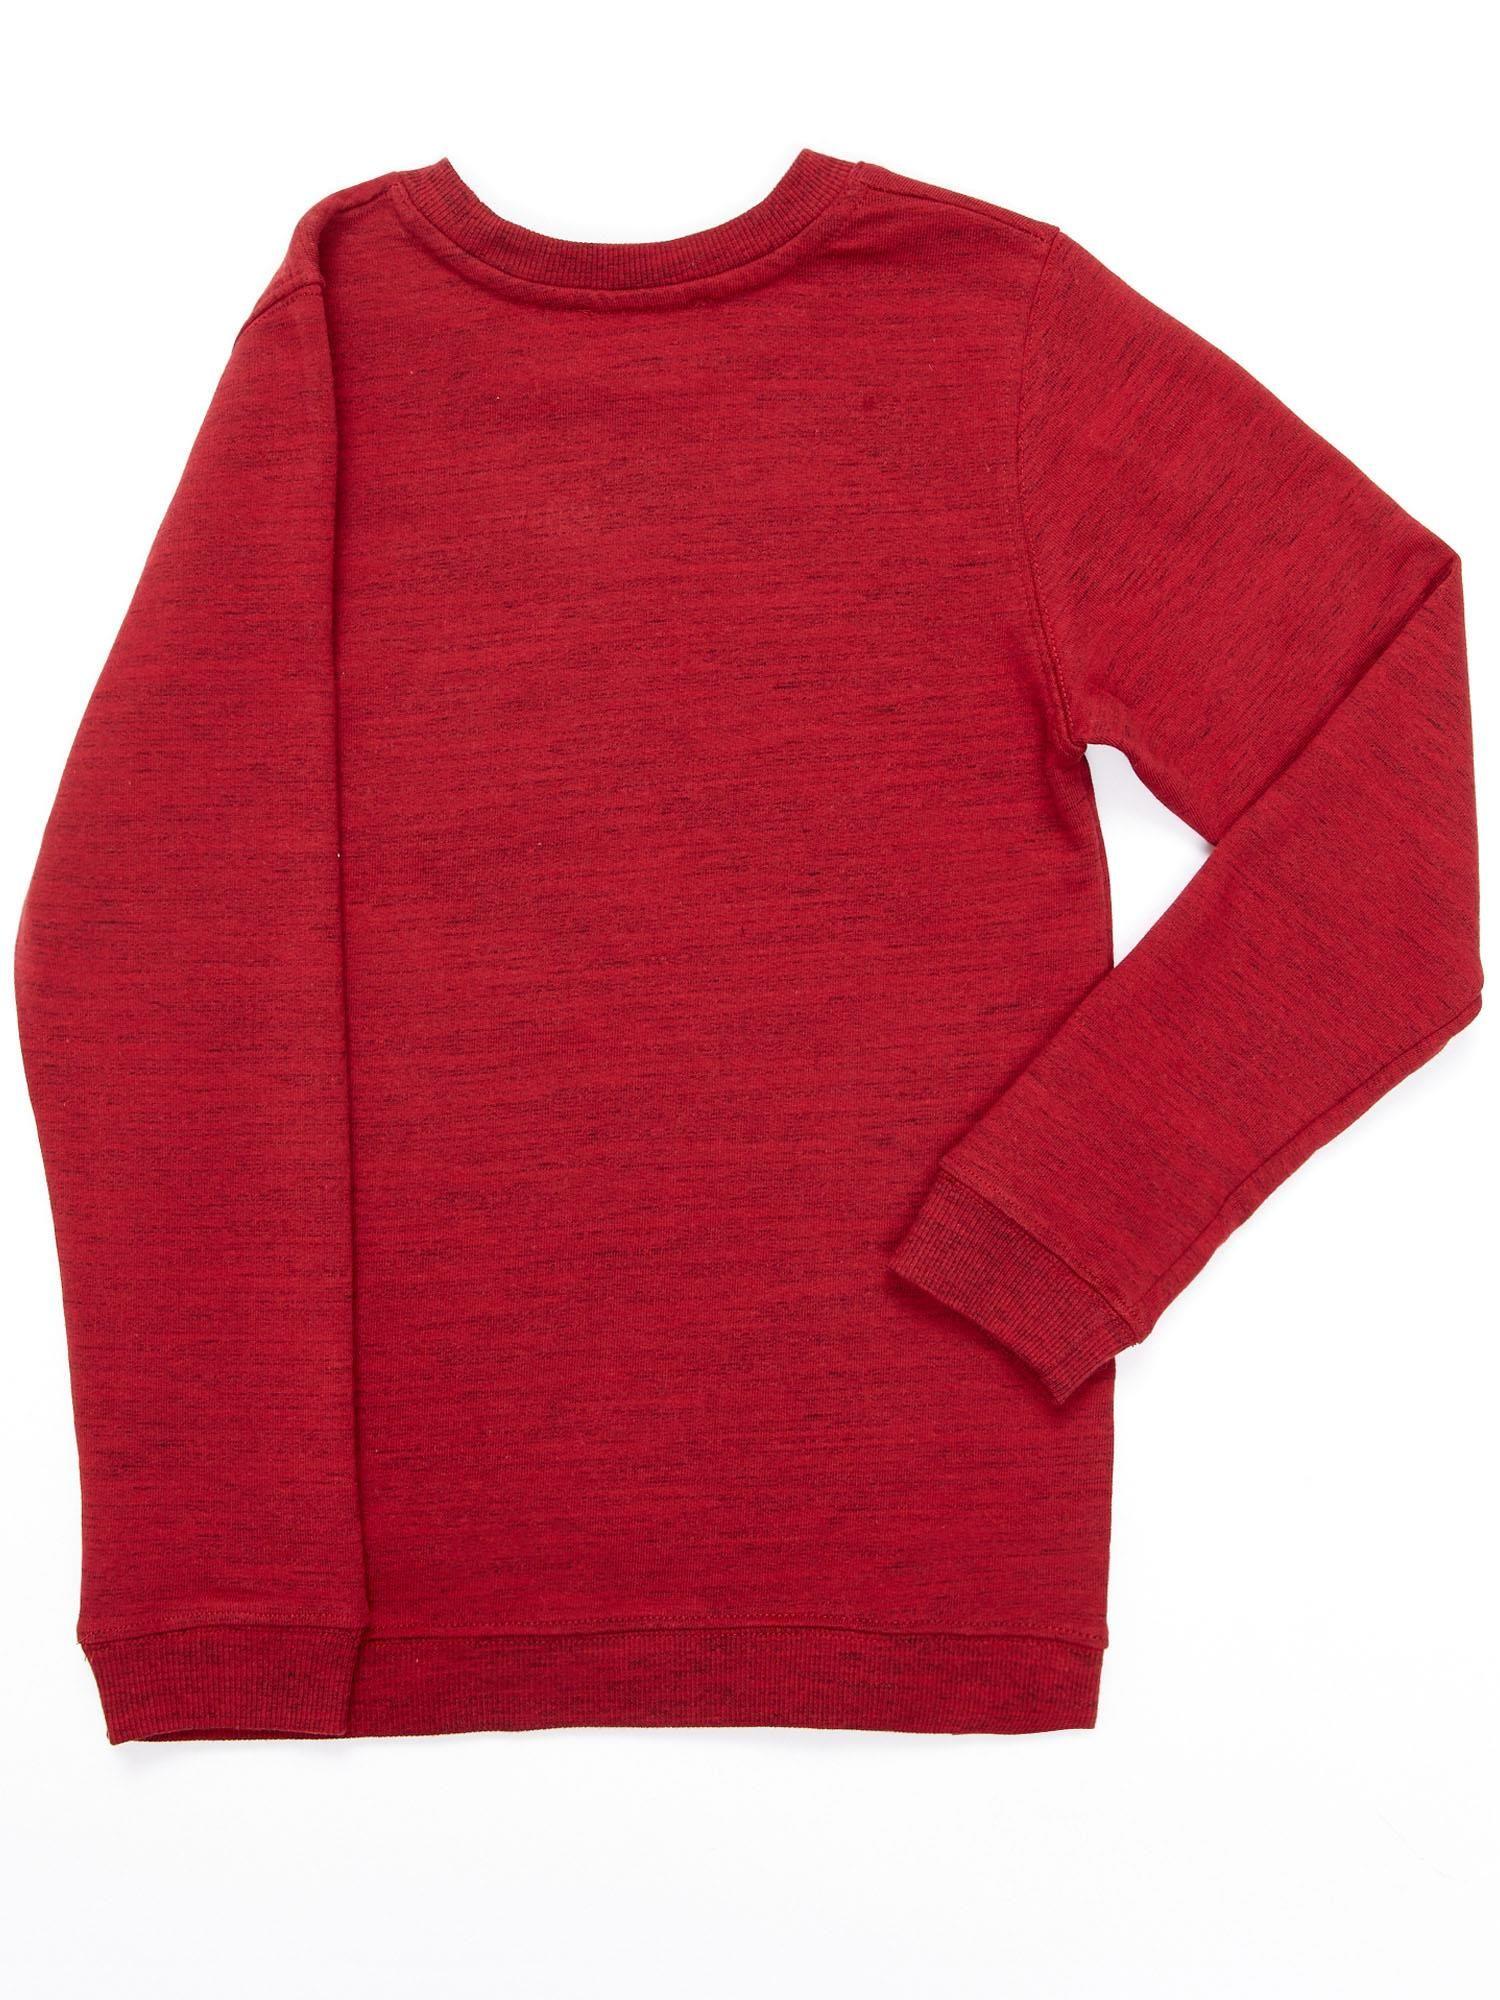 3b36bf5938 Bordowa bluza dla dziewczynki z nadrukiem gwiazdy - Dziecko Dziewczynka -  sklep eButik.pl